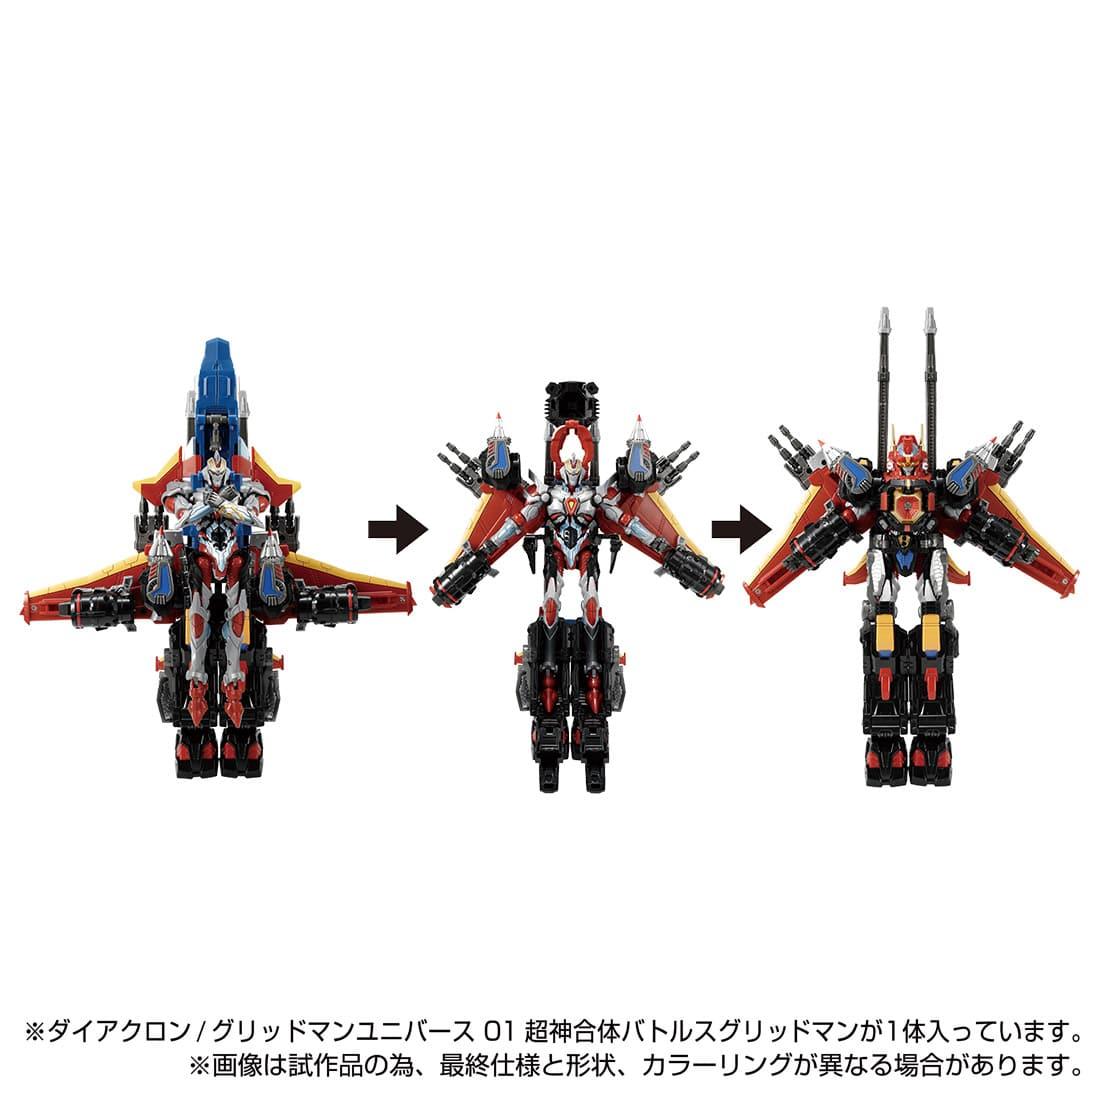 ダイアクロン / グリッドマンユニバース 01『超神合体バトルスグリッドマン』変化合体フィギュア-004